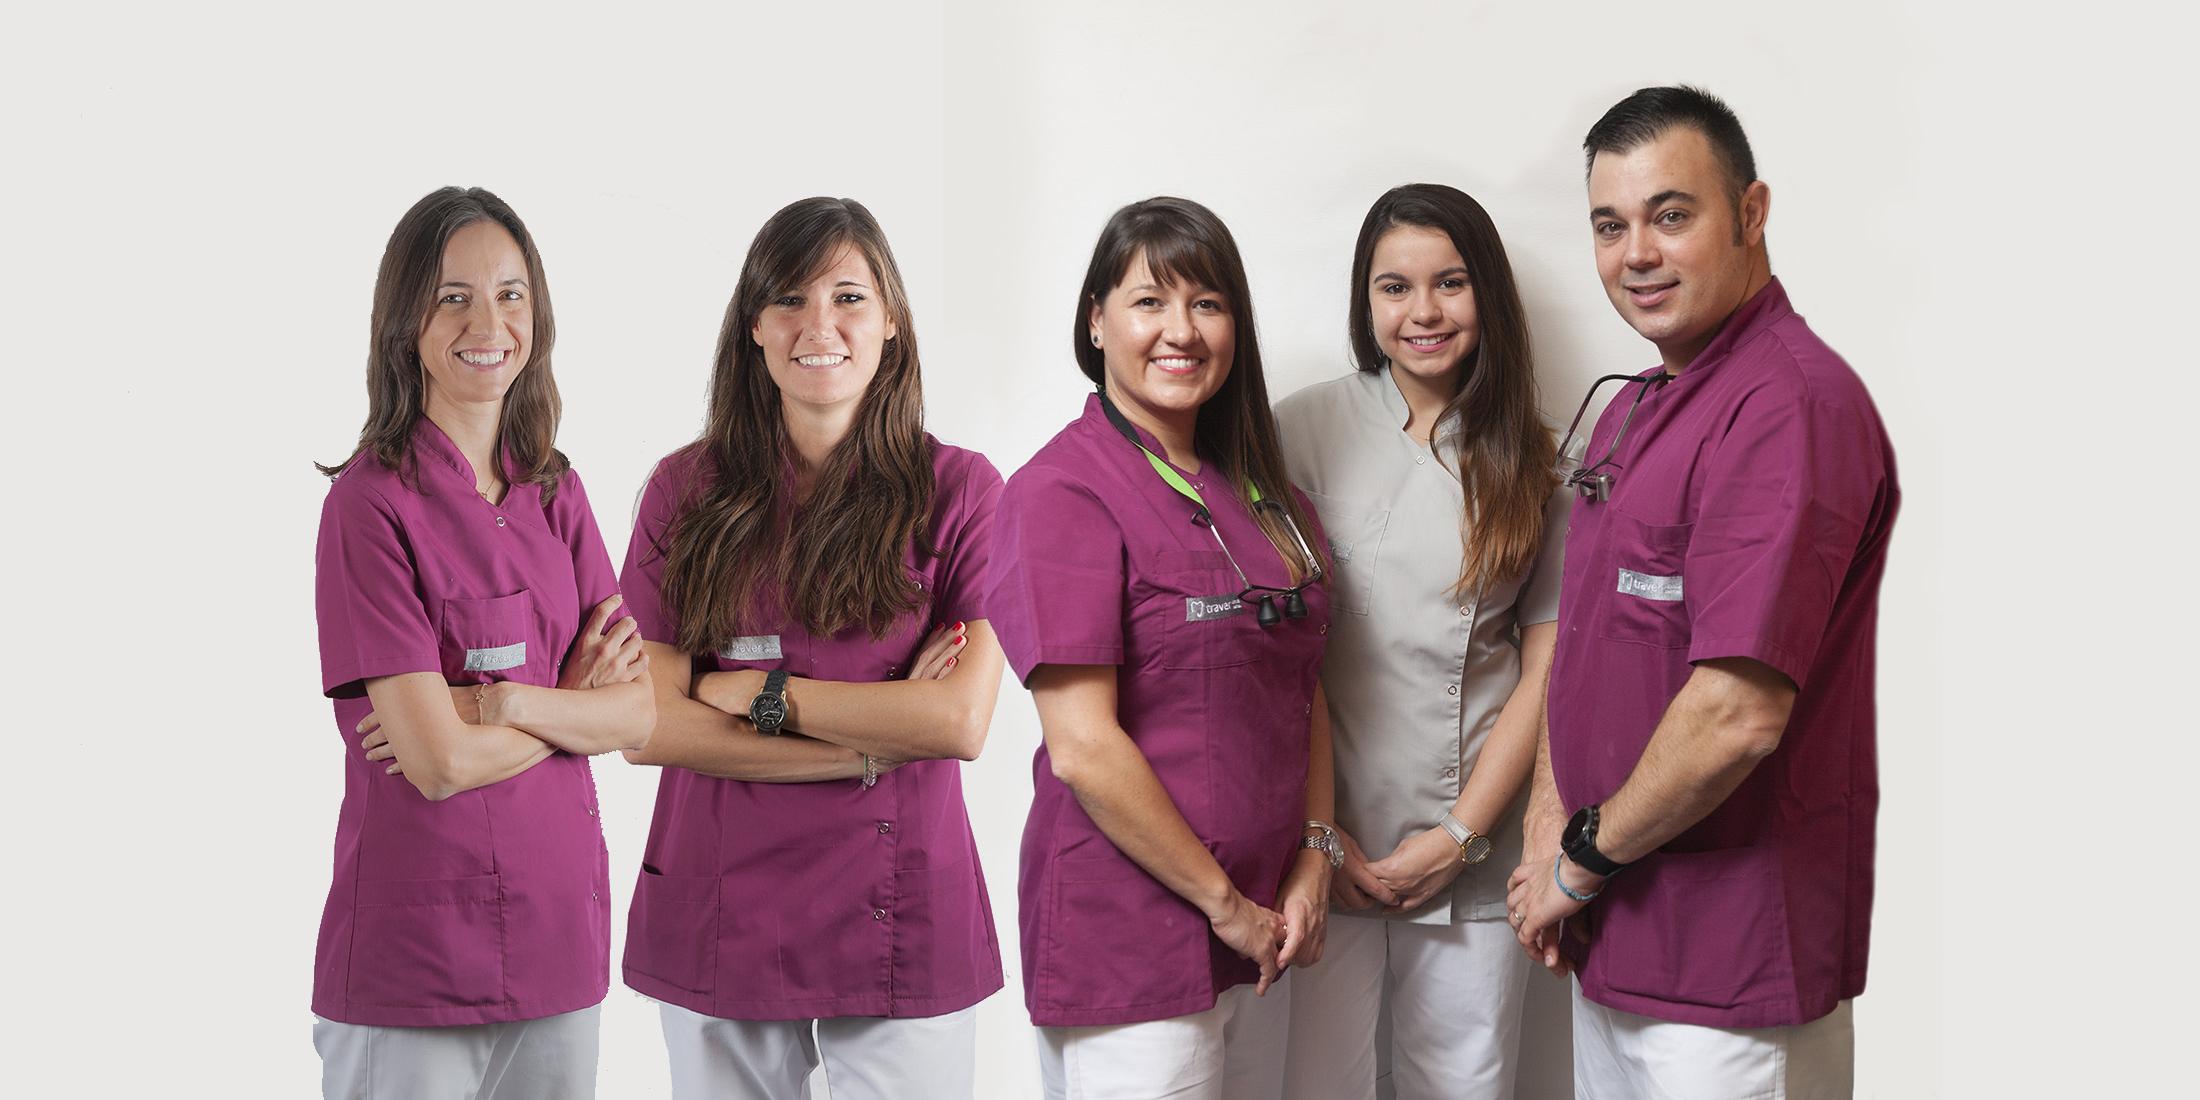 El equipo de Clínica Dental Traver